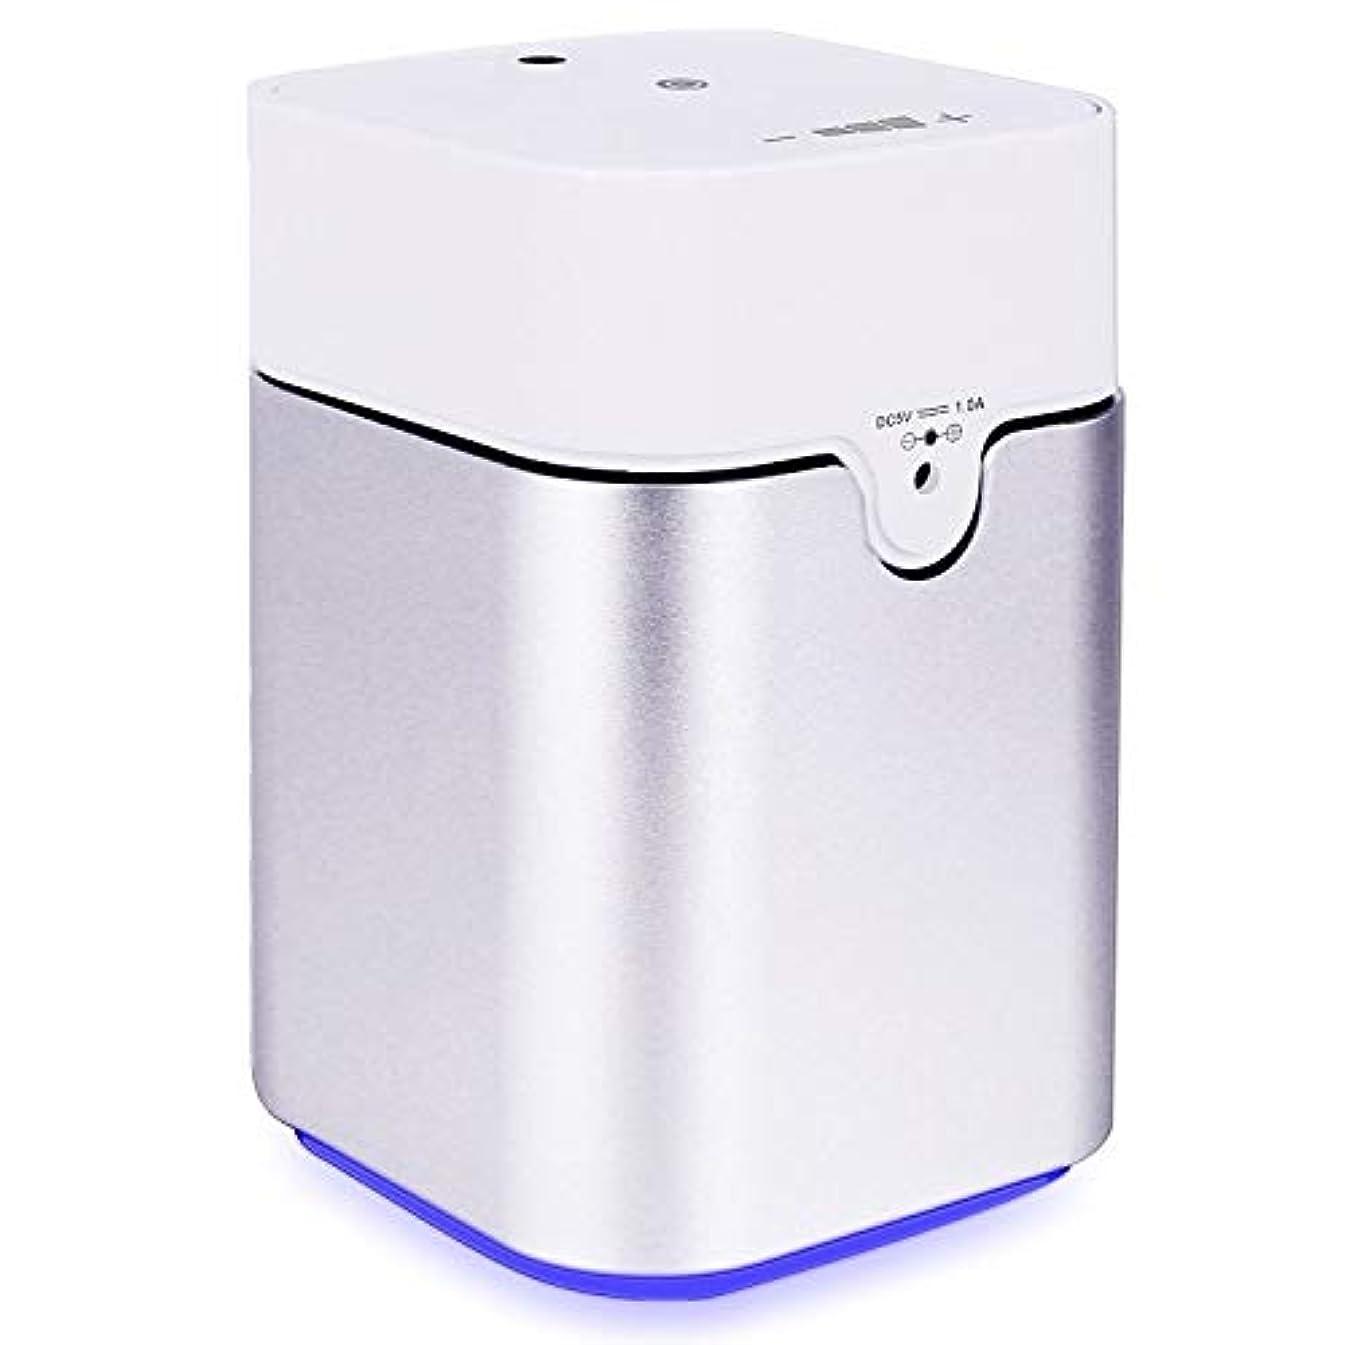 廃棄する達成噴出するENERG e's Pure アロマディフューザー ヨガ室 整体院人気 タイマー機能 ネブライザー式 量調整可能 精油瓶3個付き T11-ENS082